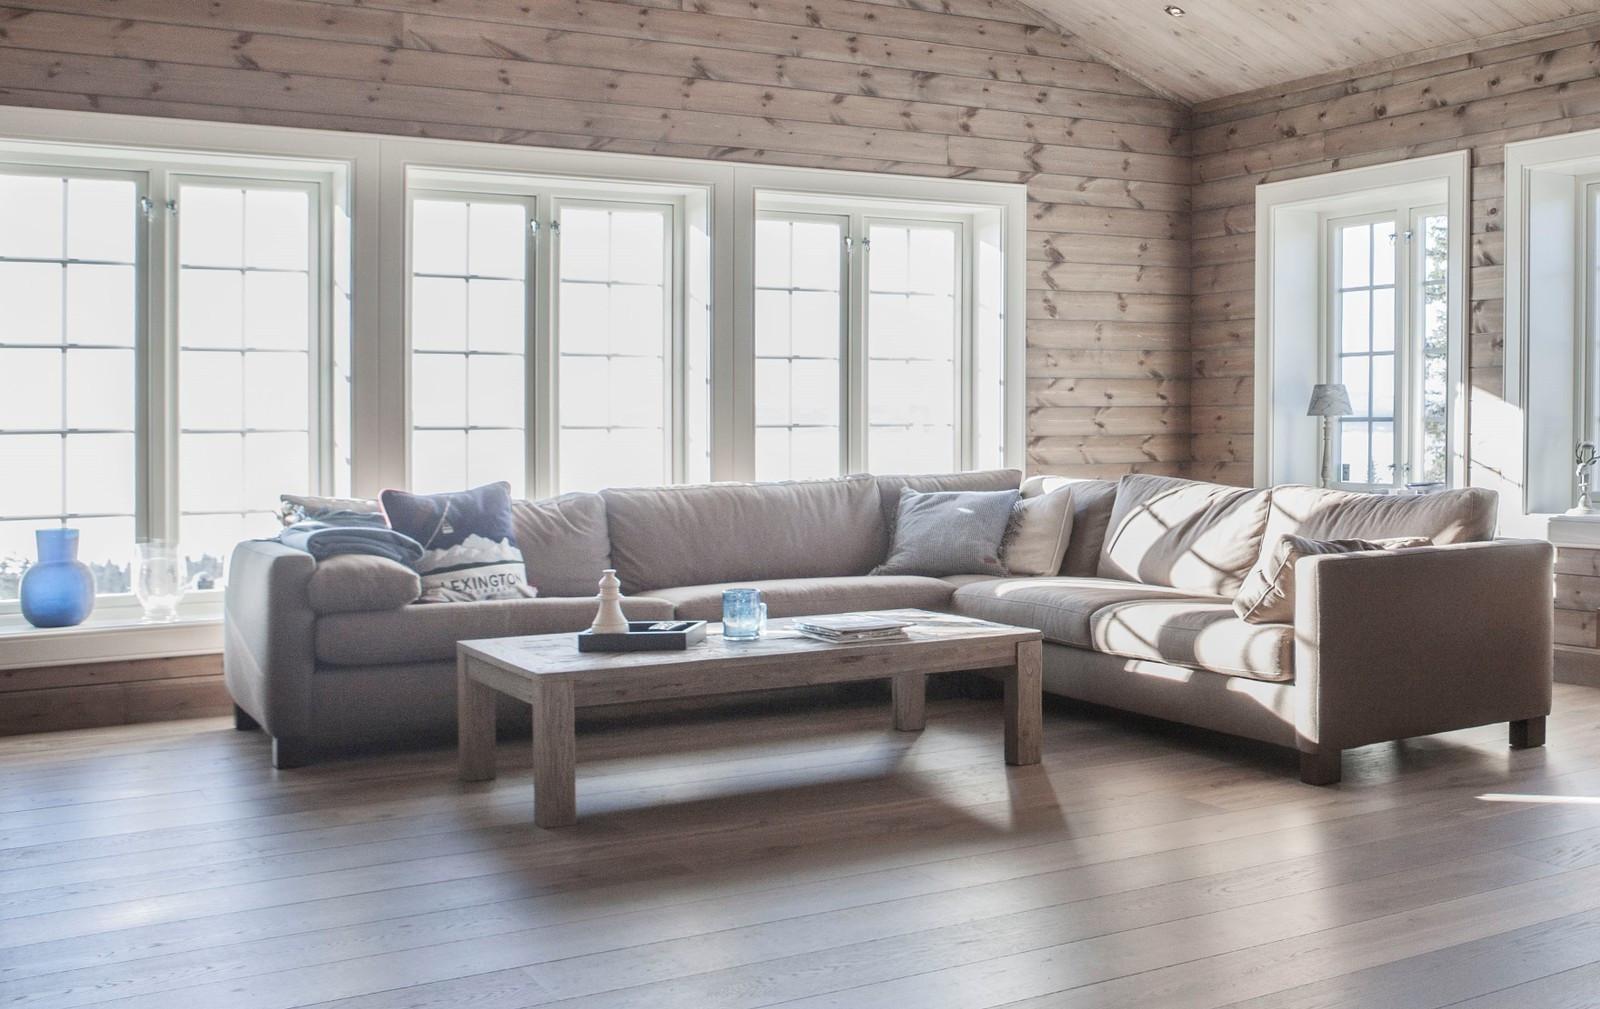 Interiør bilde fra en annen Buen modell Storodde hytte